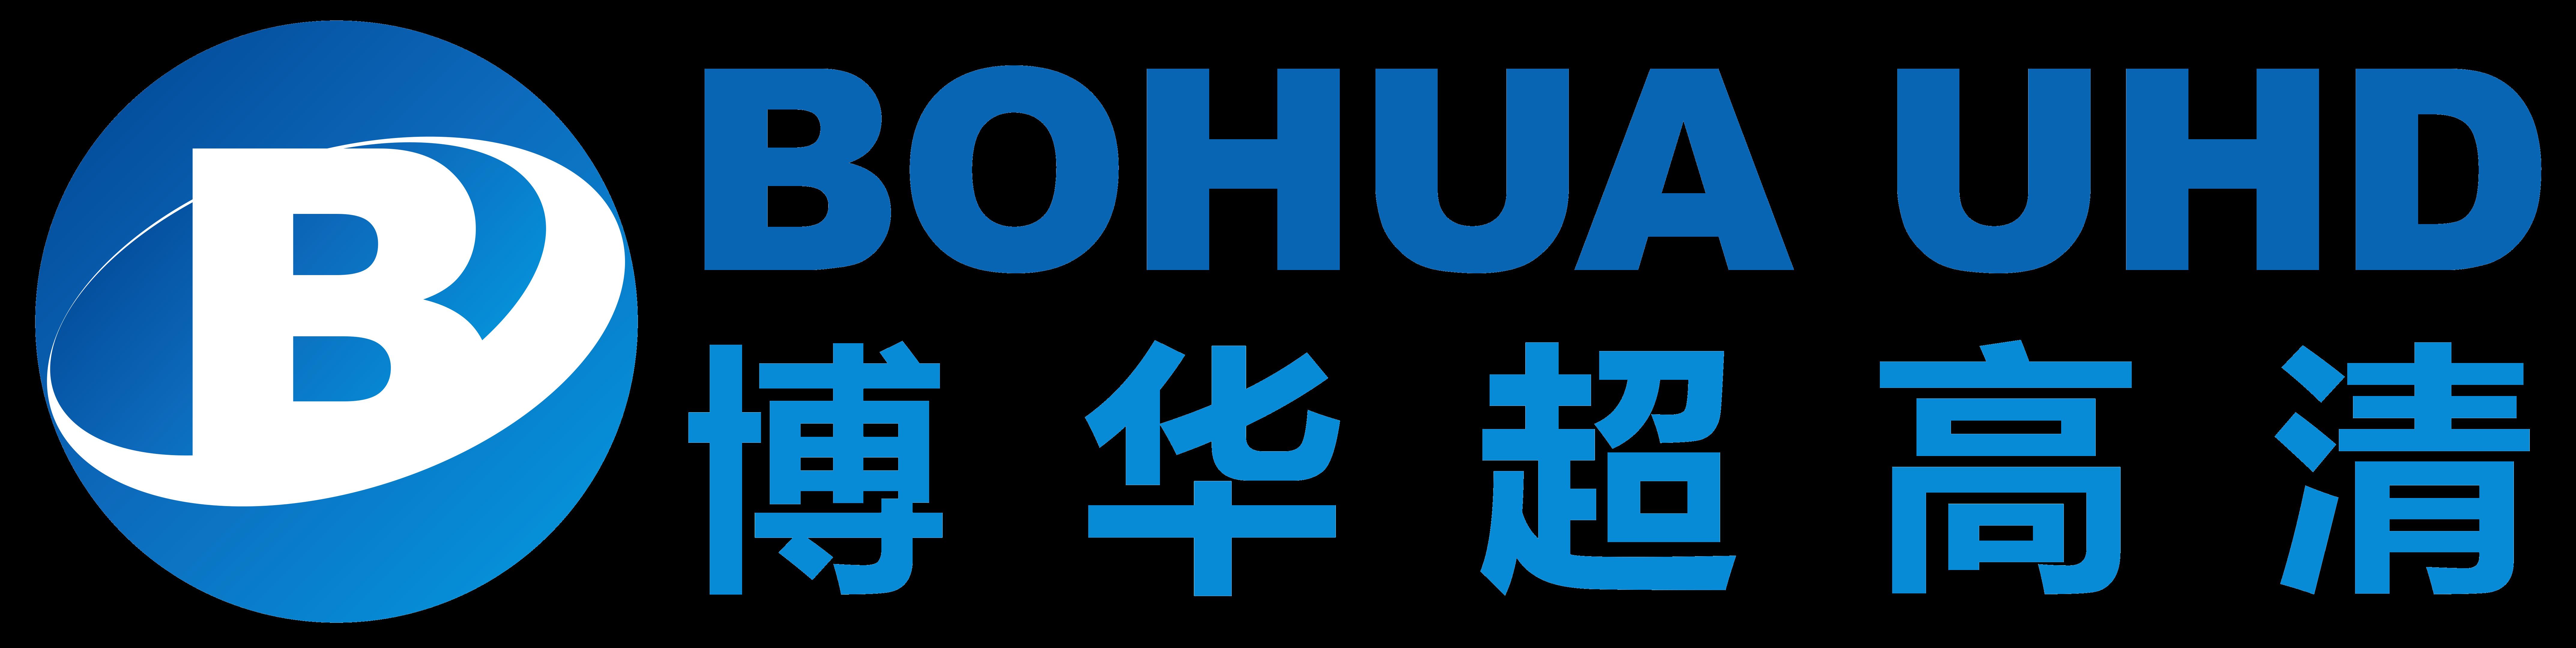 广东博华超高清创新中心